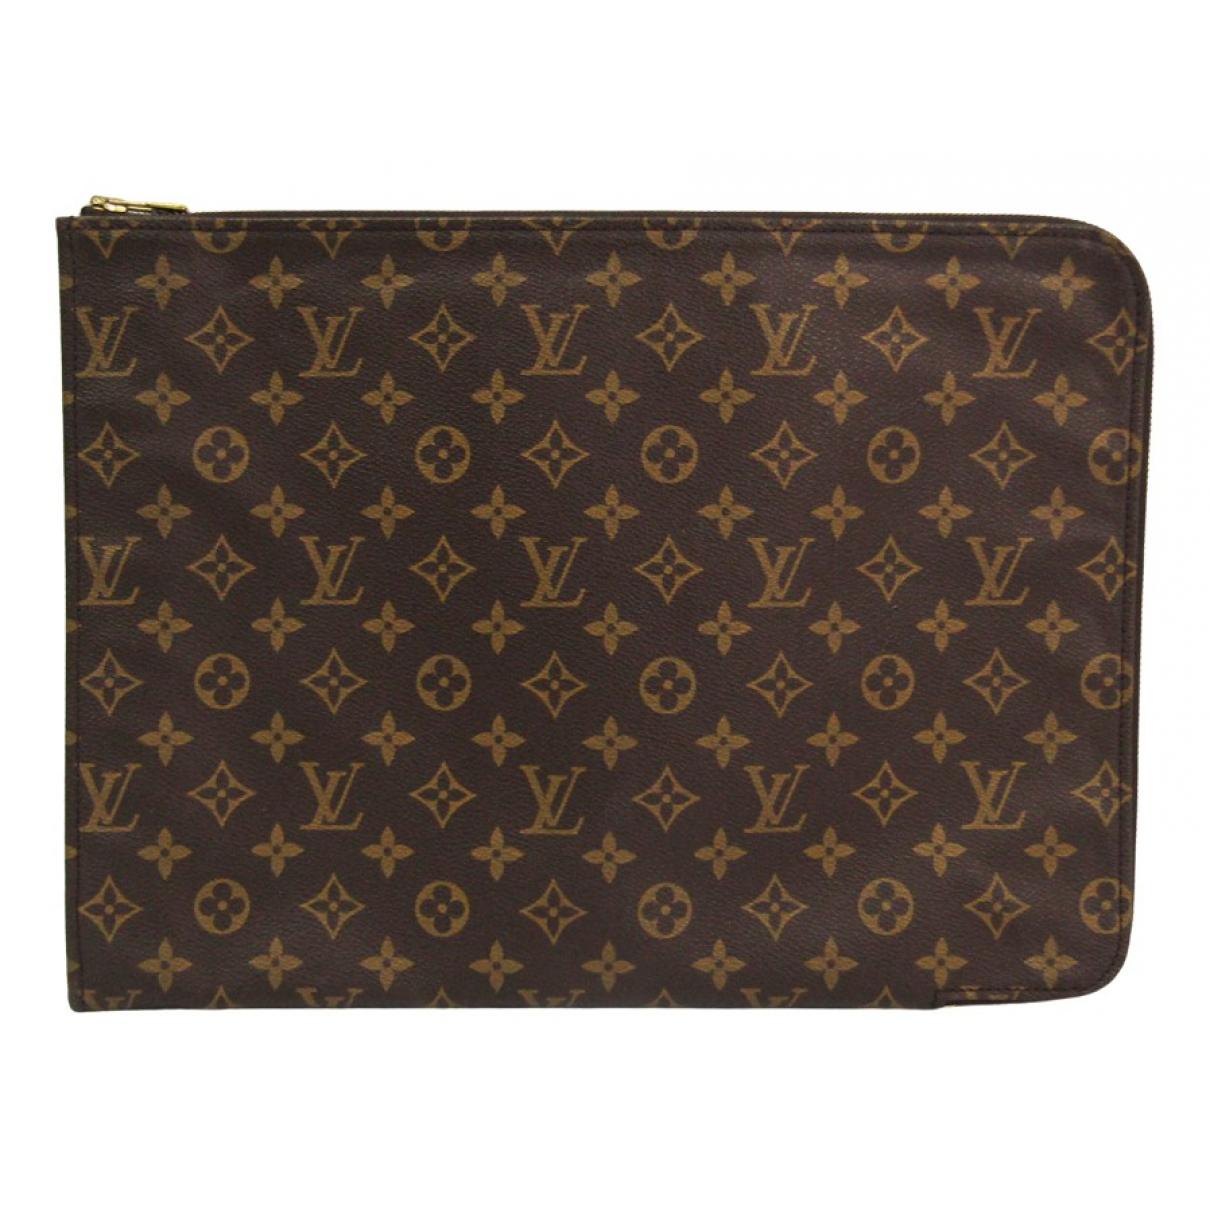 Louis Vuitton \N Clutch in  Braun Leinen